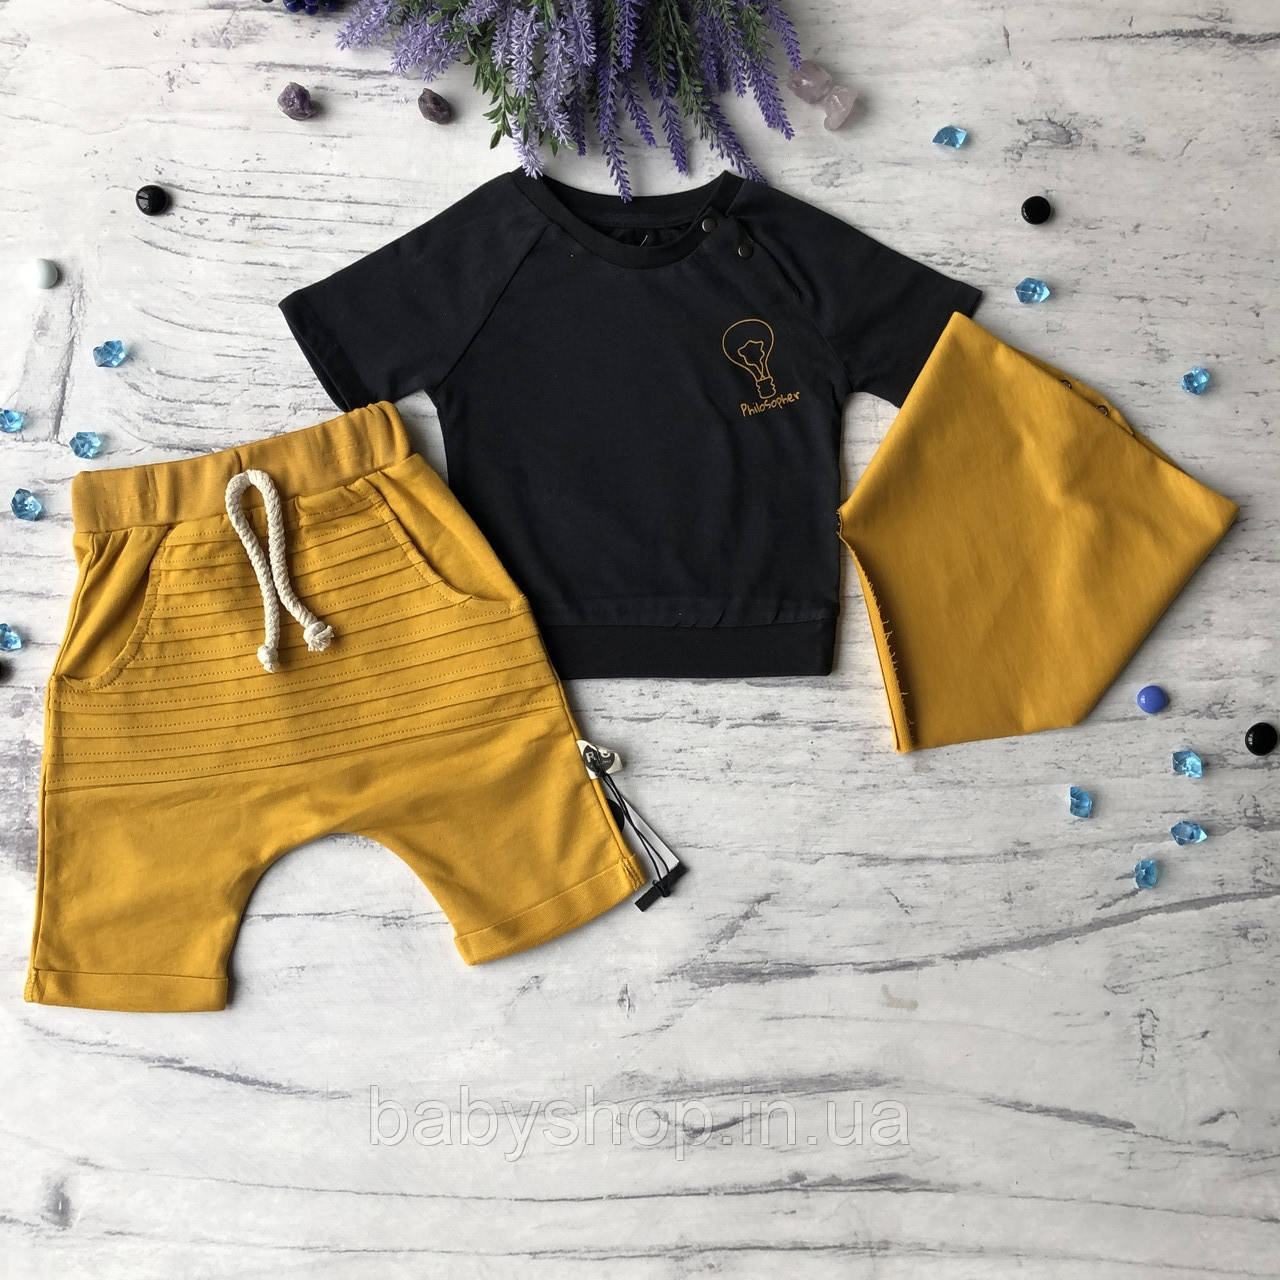 Желтый летний костюм на мальчика 13 Размер 74 см 86 см, 92 см, 98 см, 104 см